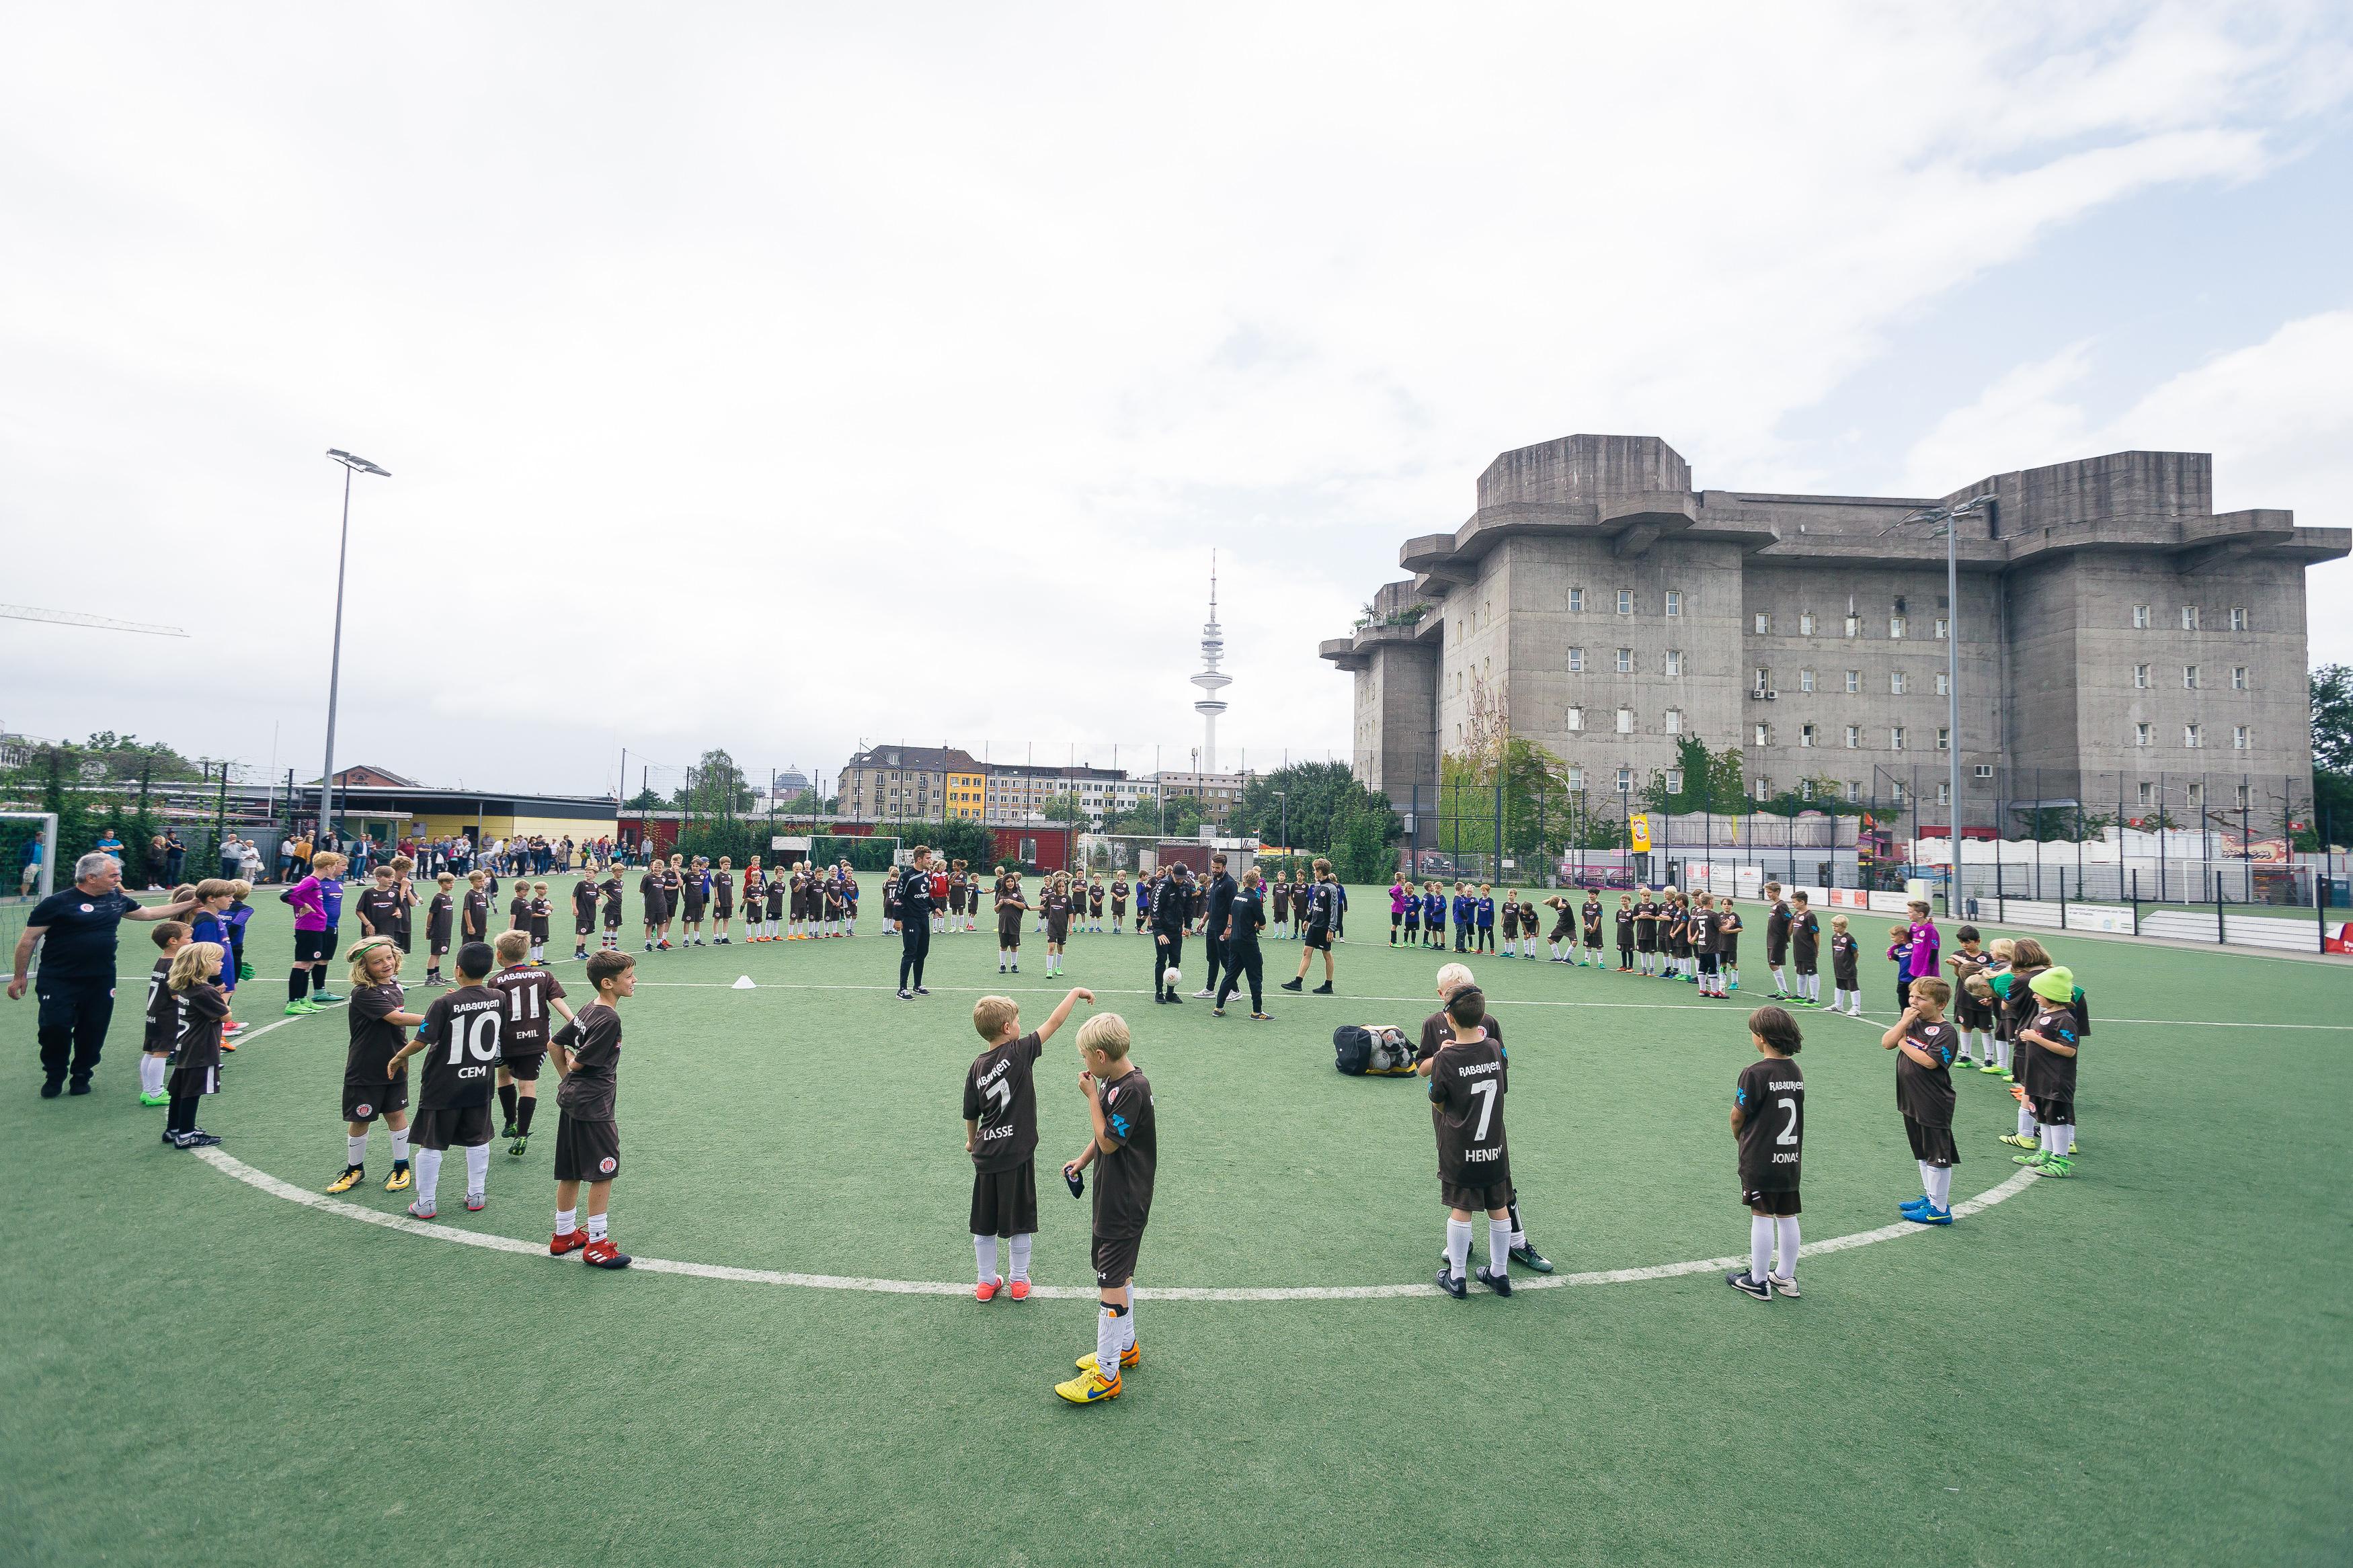 FC St. Pauli Rabauken - Zahlen, Daten und Fakten zum Jahr 2017